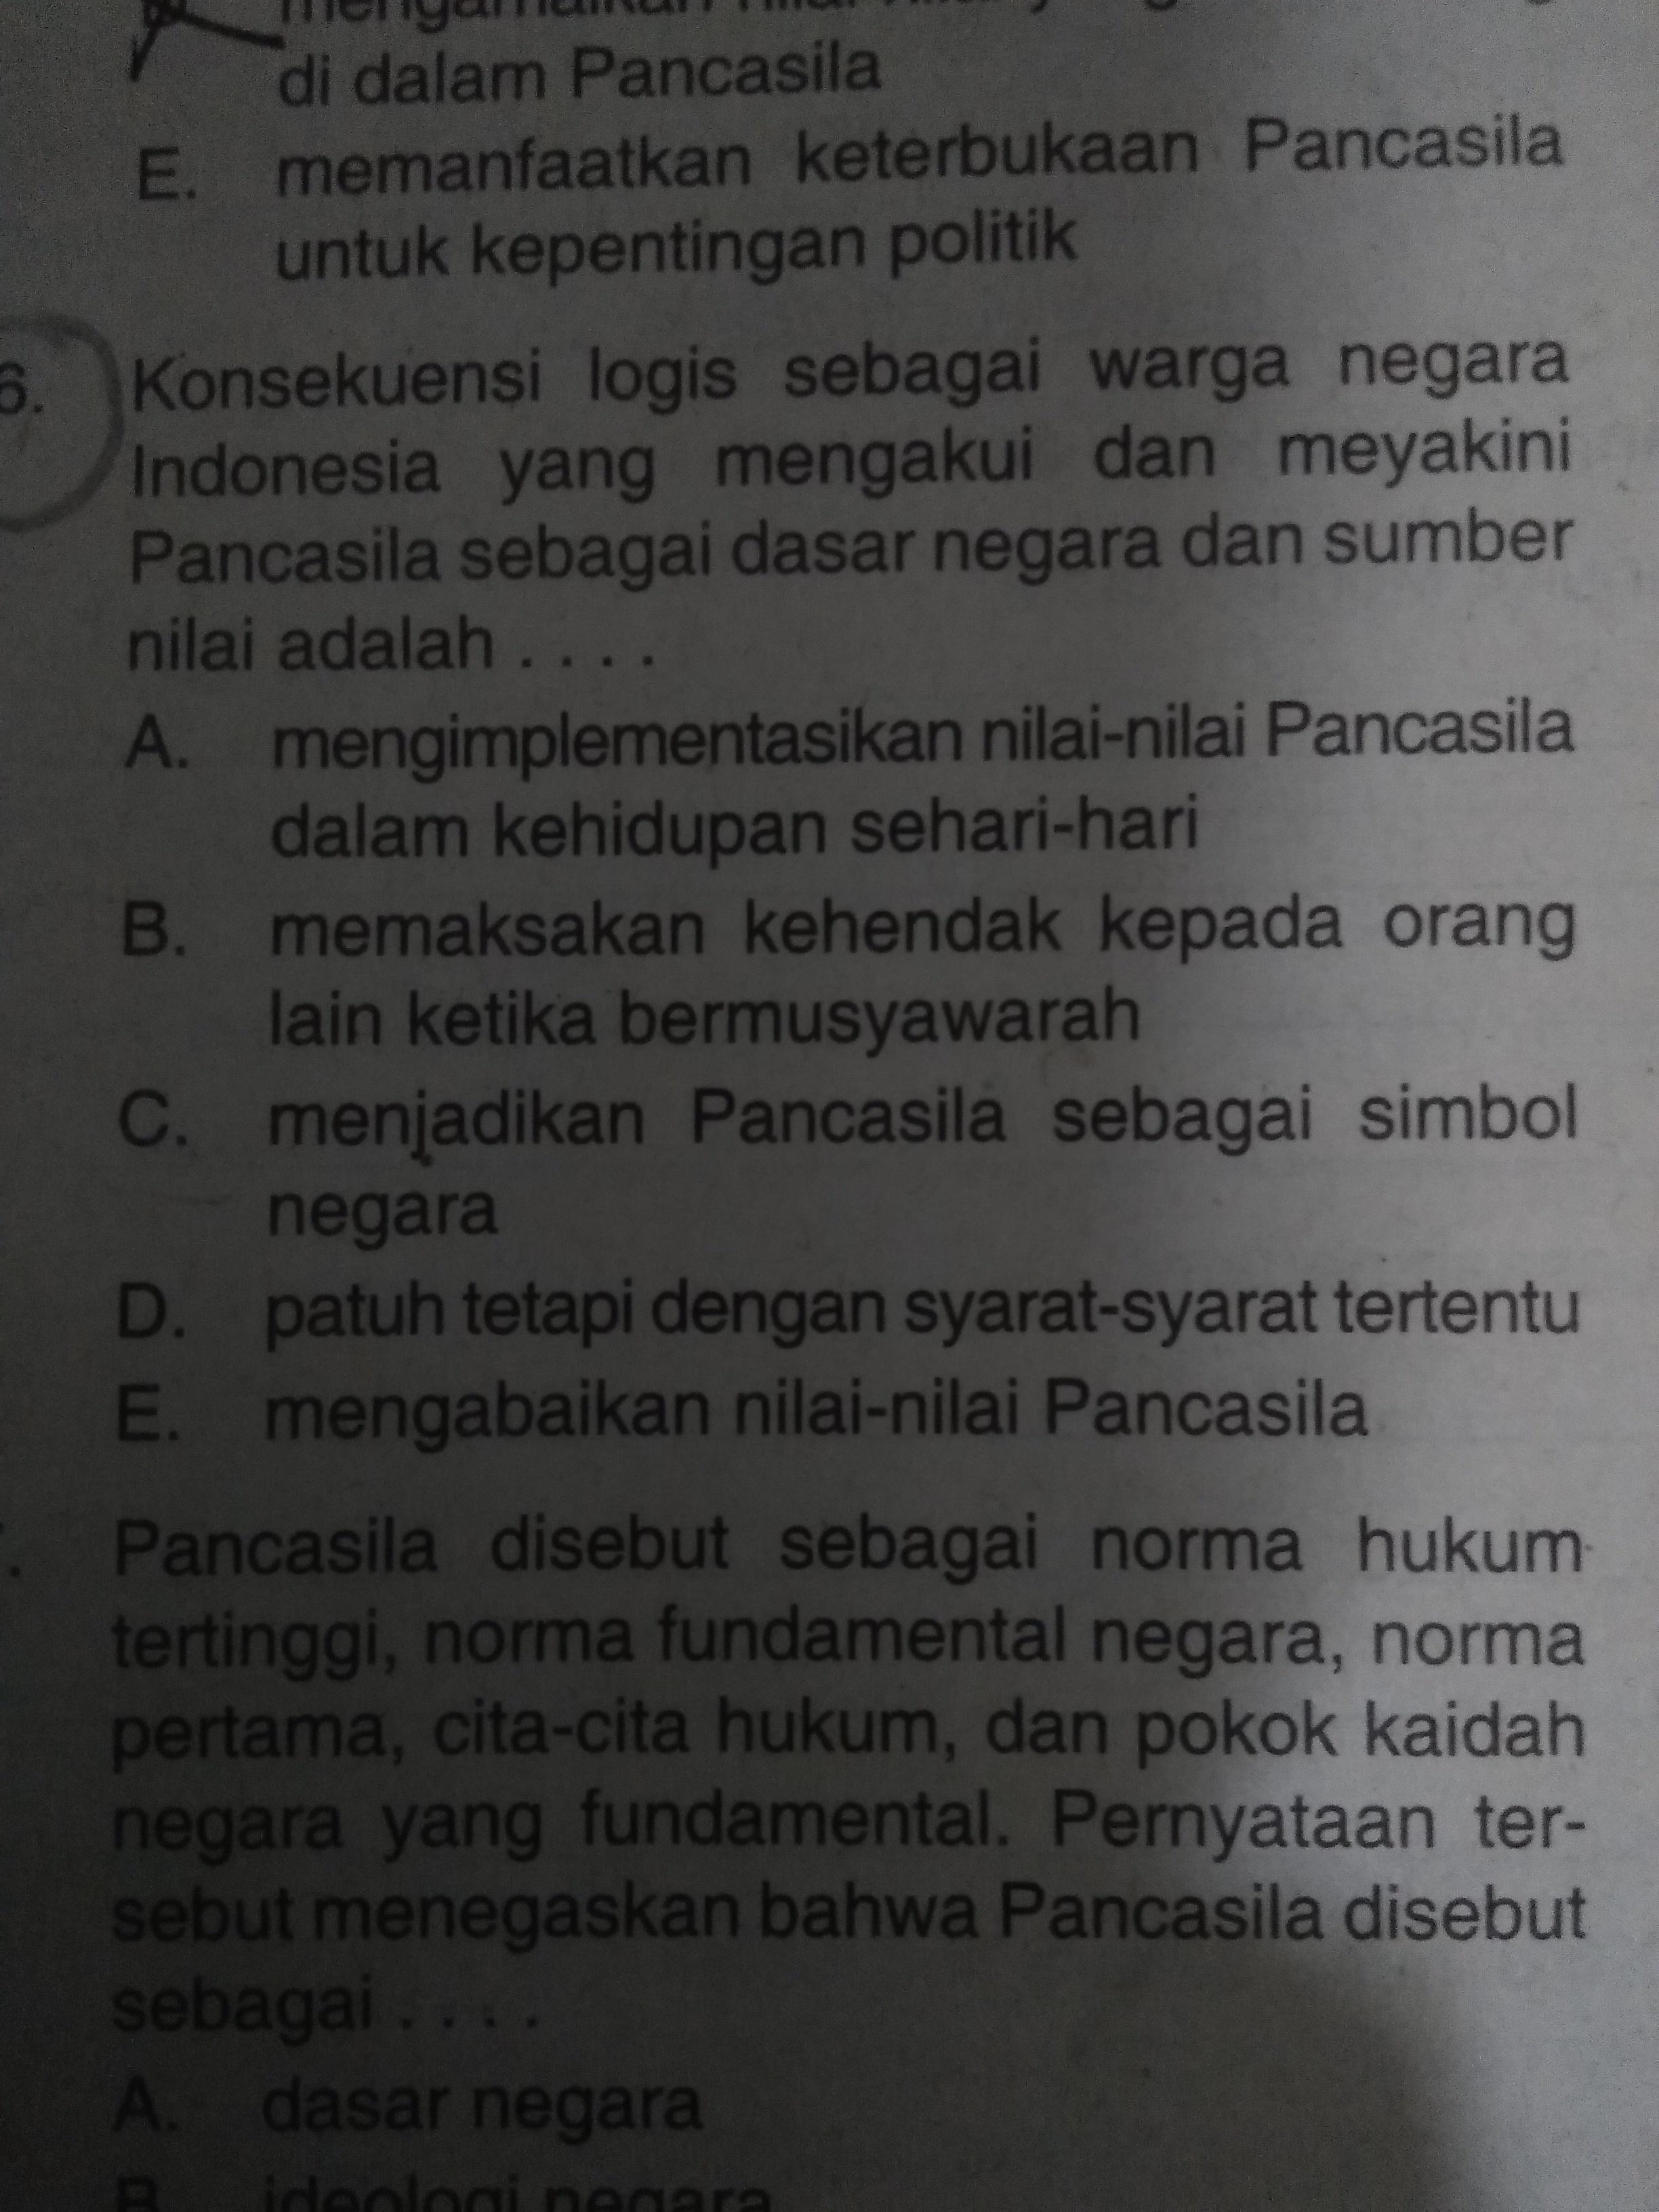 Konsekuensi Logis Sebagai Warga Negara Indonesia Yang Mengakui Dan Meyakini Pancasila Sebagai Brainly Co Id